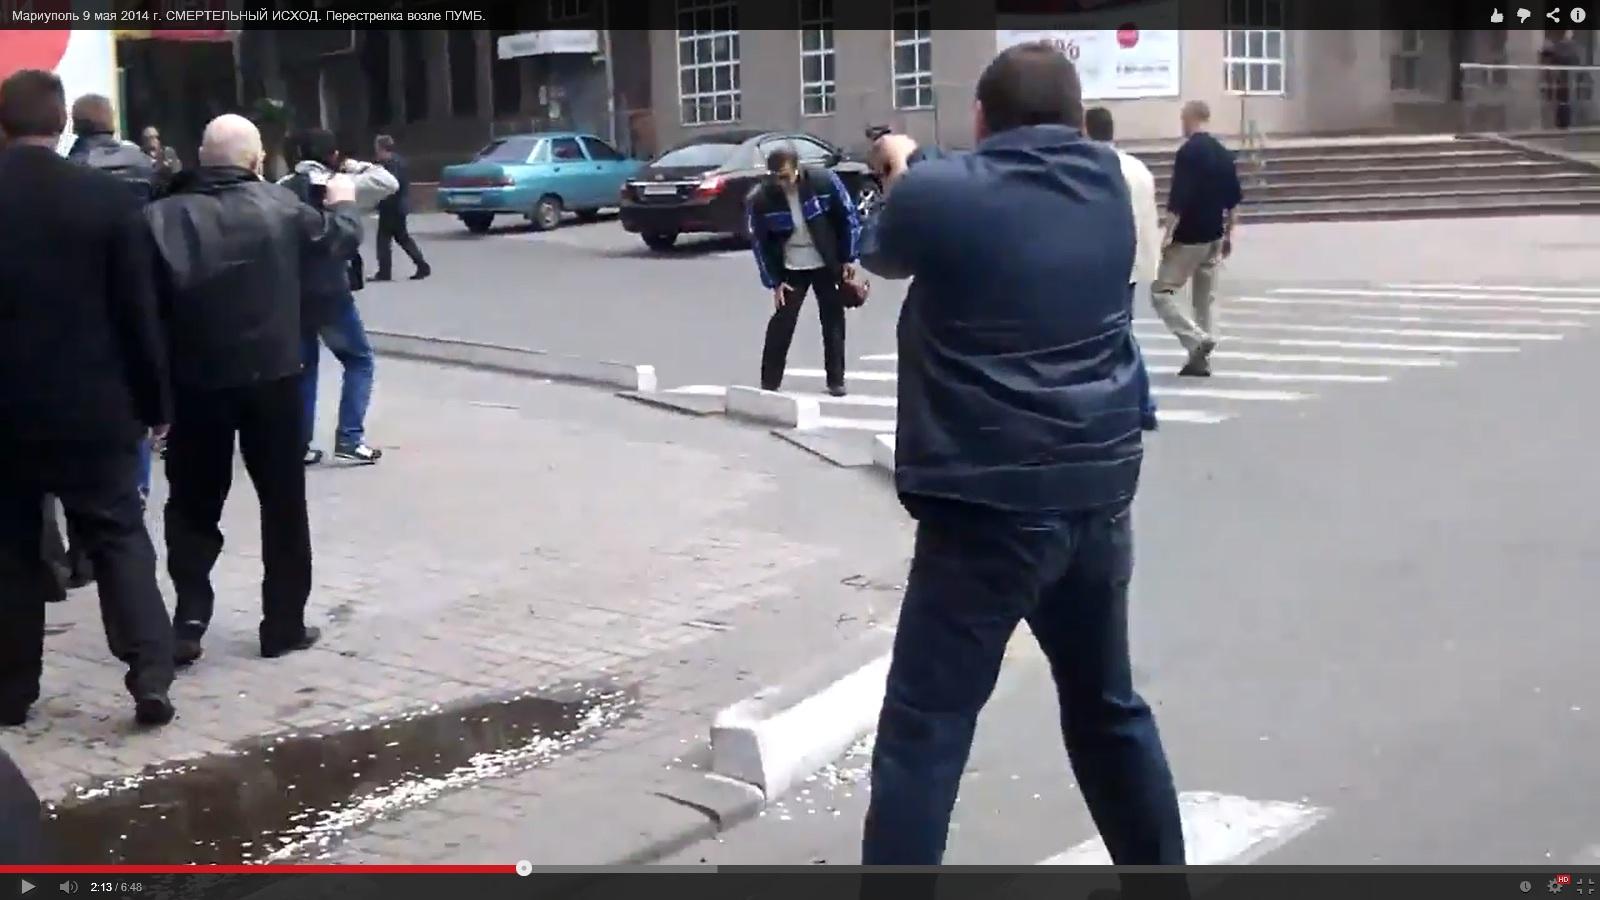 Бойцы Нацгвардии не стреляли в мирных граждан в Мариуполе - Цензор.НЕТ 9339